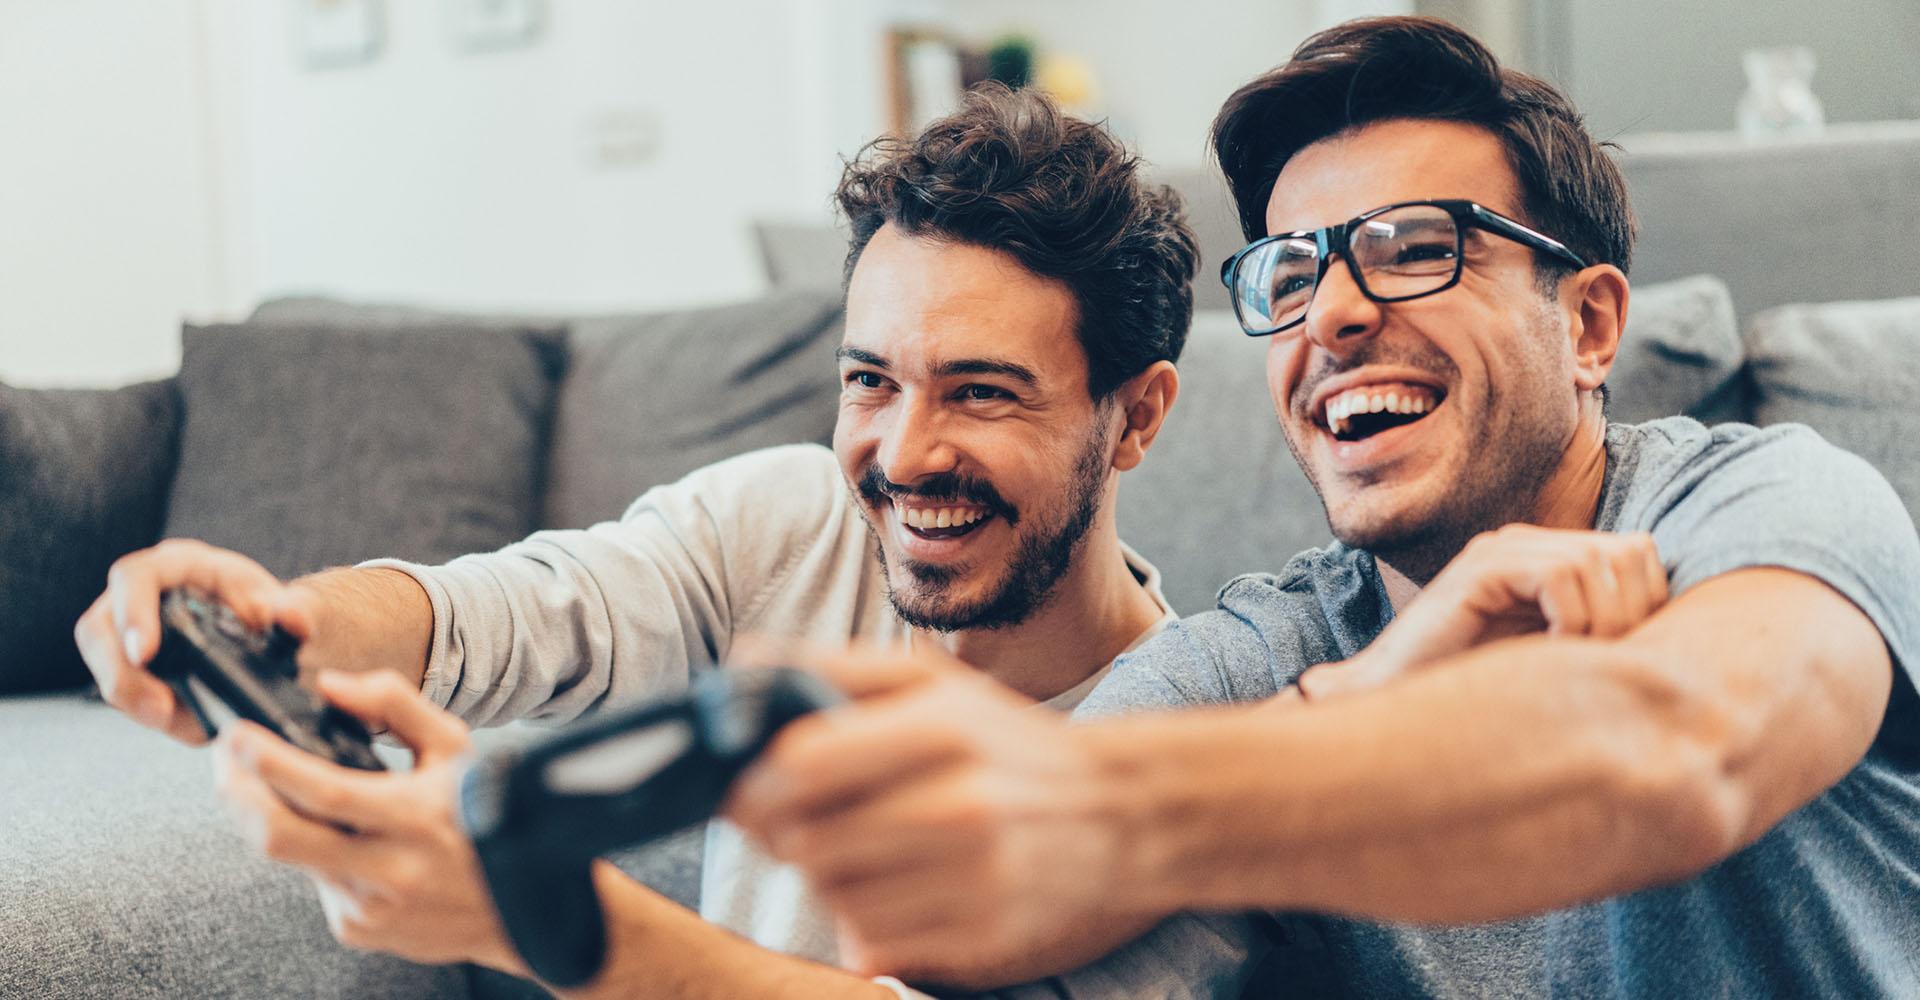 Zwei junge Männer spielen ein Game auf der PlayStation